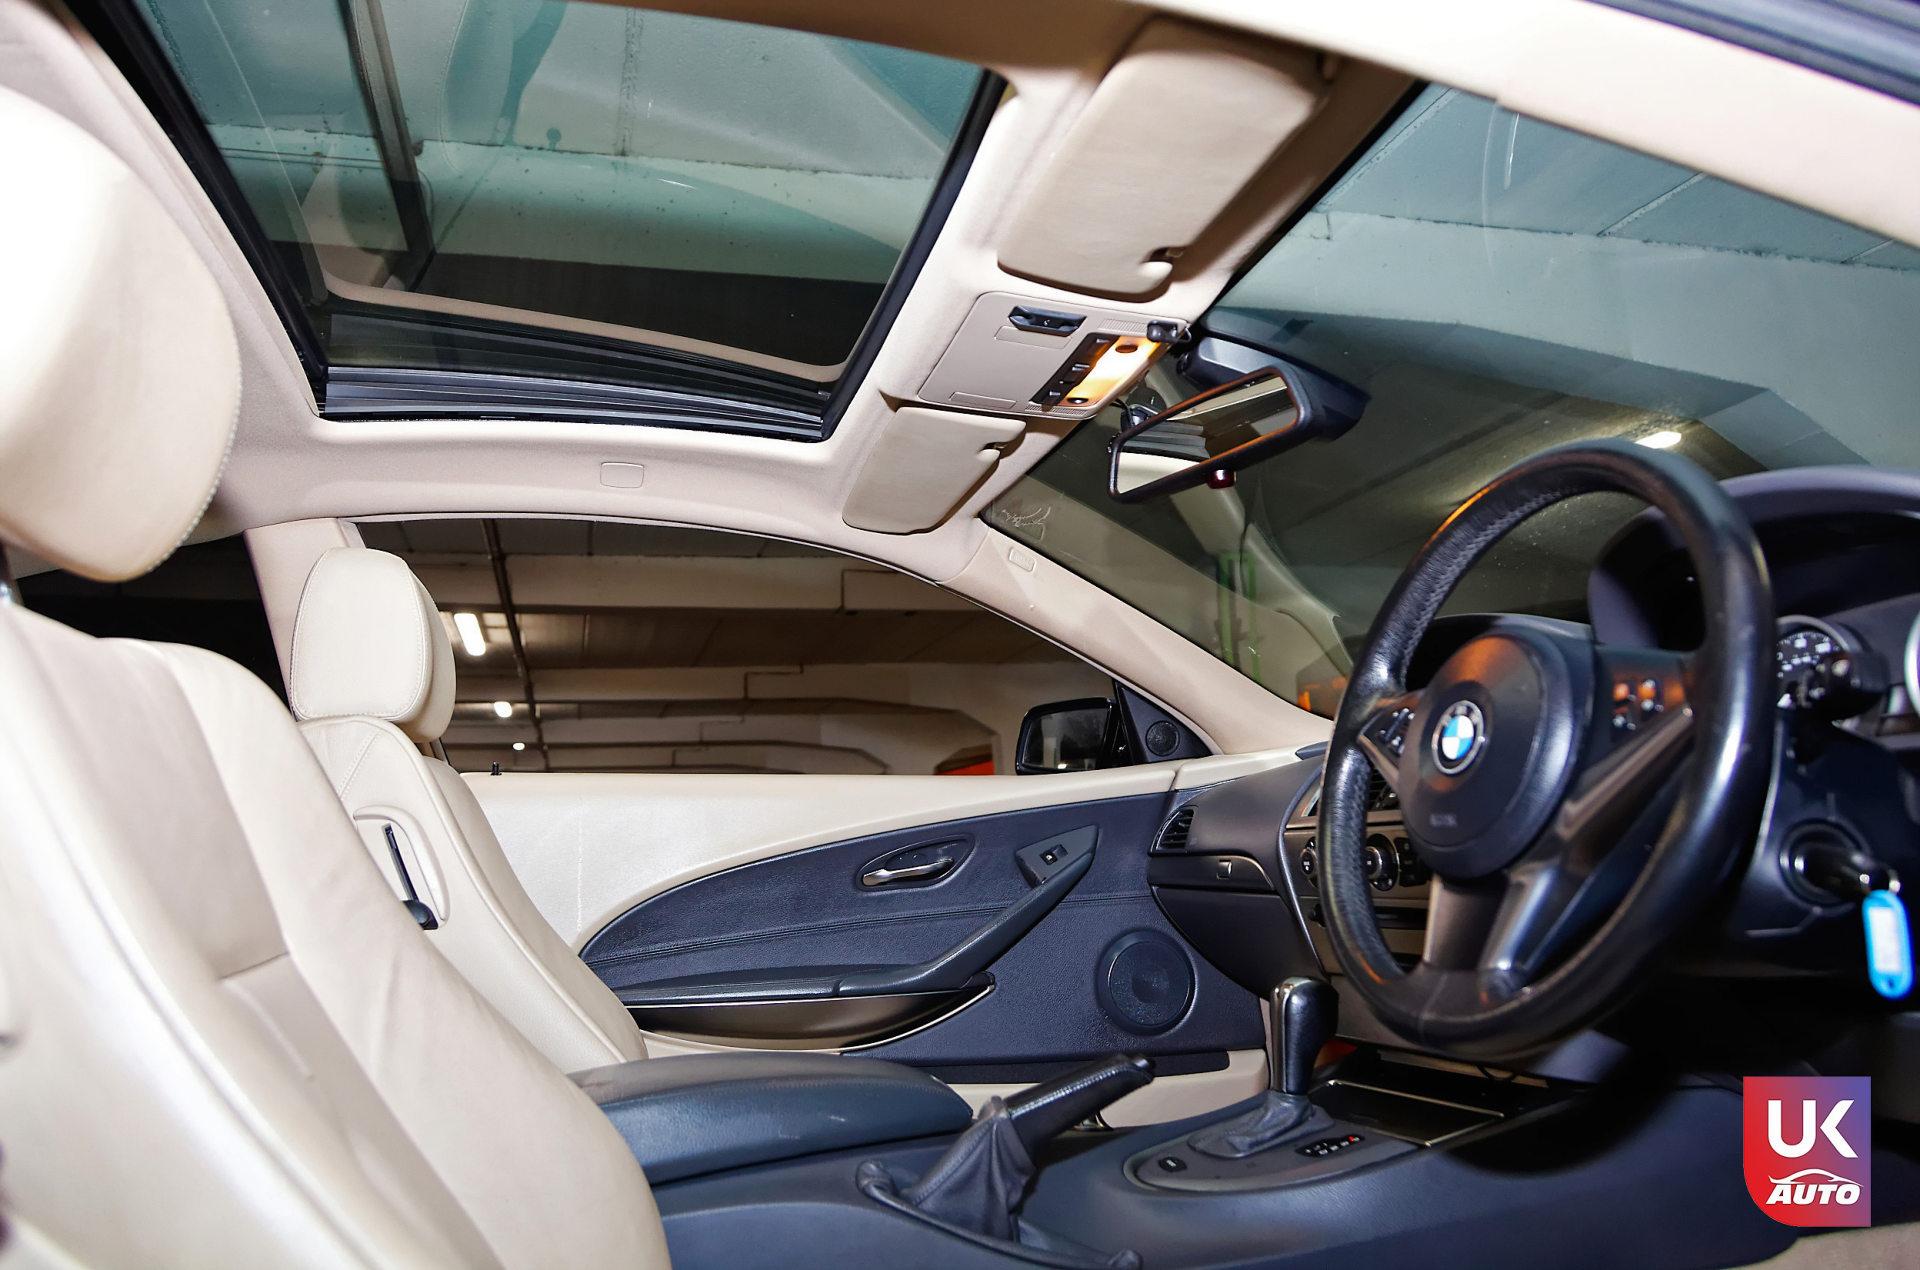 Bmw 645ci v8 import rhd bmw uk import rhd angleterre voiture anglaise bmw 645ci v87 DxO - BMW UK IMPORT BMW 645CI V8 ACHAT A LONDRES BMW IMPORT RHD FELICITATION A DAVID